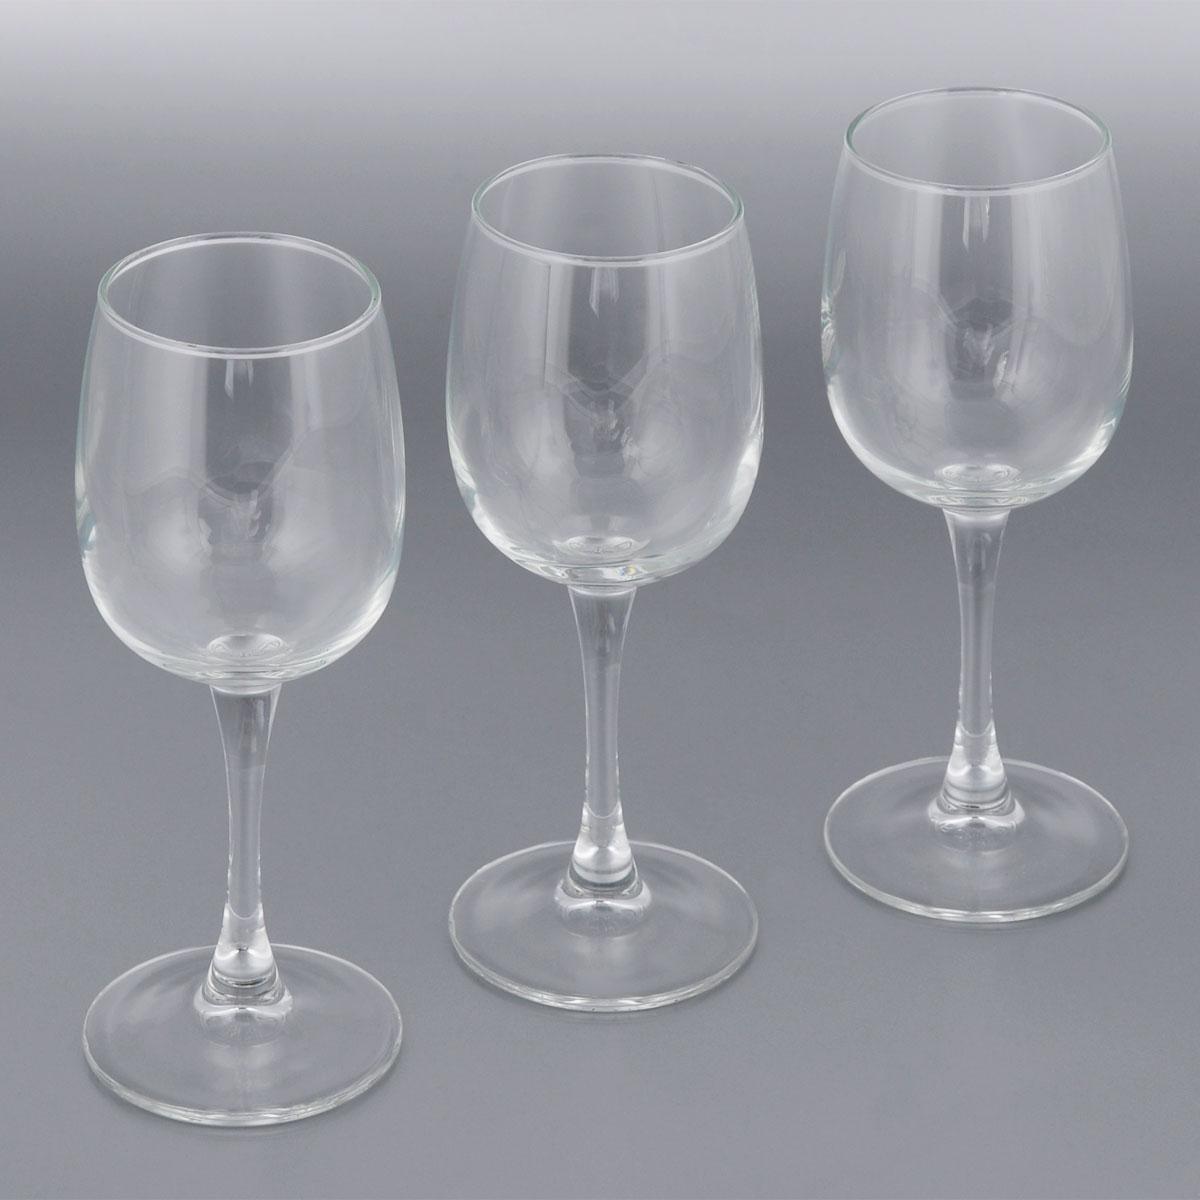 Набор фужеров для вина Luminarc Allegresse, 230 мл, 3 штL1027Набор Luminarc Allegresse состоит из трех классическихфужеров,выполненных из прочного стекла. Изделияоснащены высокими ножками и предназначеныдля подачивина. Они сочетают в себе элегантный дизайн ифункциональность. Благодаря такому набору пить напиткибудет еще вкуснее. Набор фужеров Allegresse прекрасно оформит праздничныйстол и создаст приятную атмосферу за романтическимужином. Такой набор также станет хорошим подарком к любомуслучаю. Можно мыть в посудомоечной машине. Диаметр фужера (по верхнему краю): 5,8 см.Высота фужера: 18,2 см.